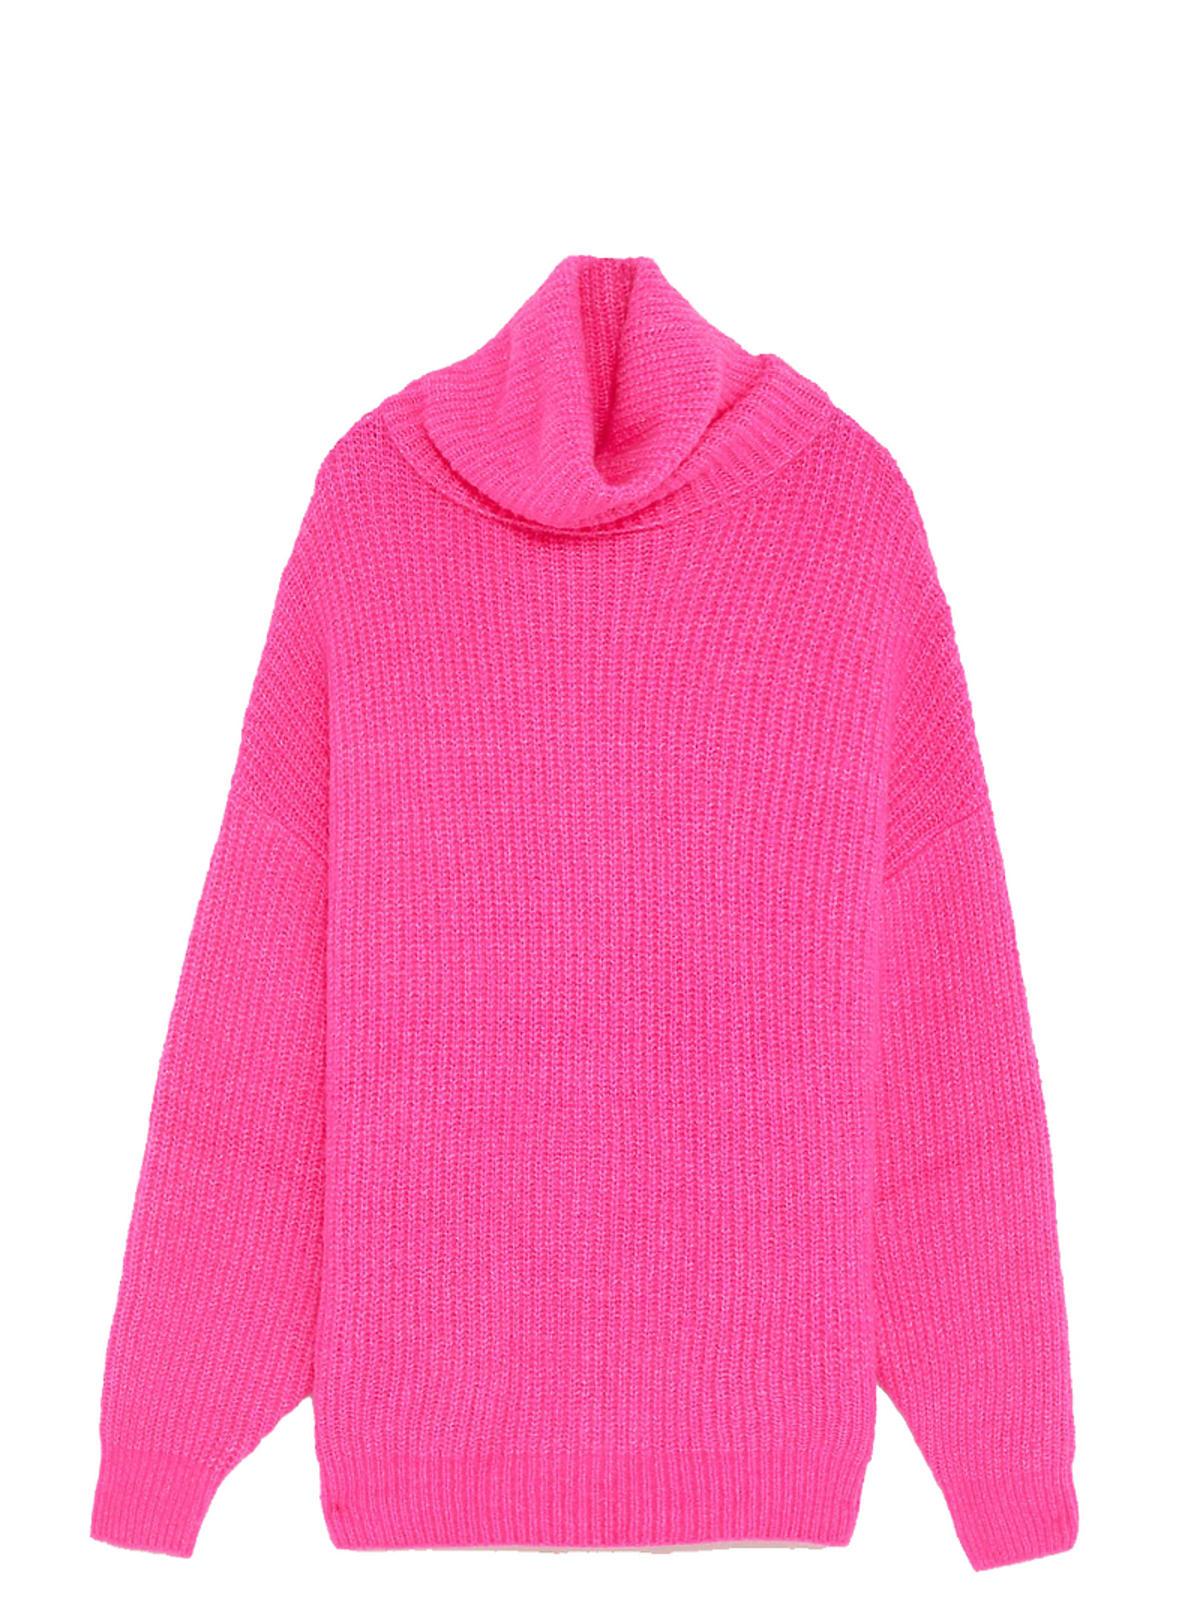 Sweter Zara 139 zł